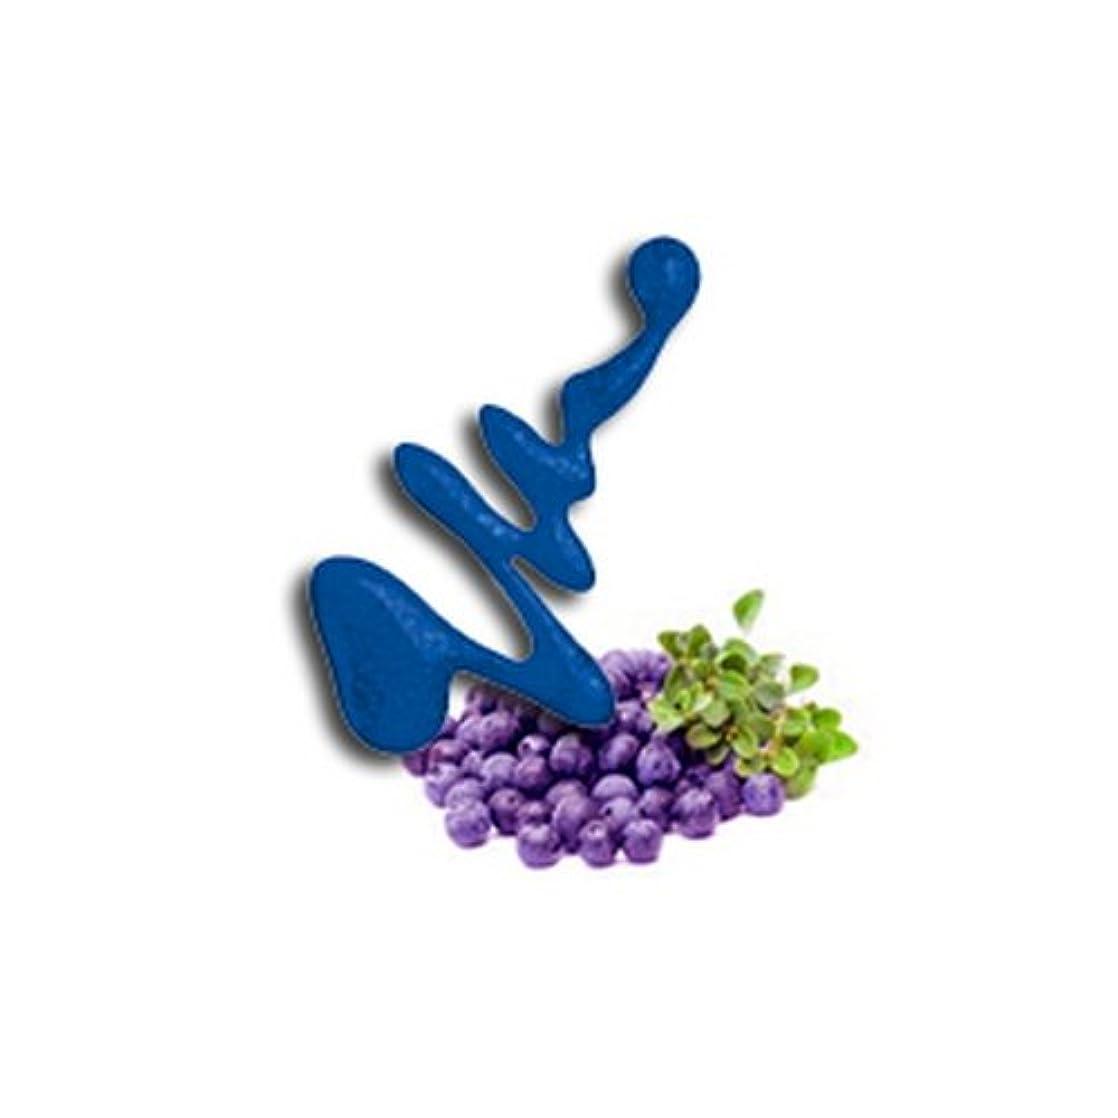 オリエンタルあいにくのためにLA GIRL Fruity Scented Nail Polish - Blueberry Fizz (並行輸入品)